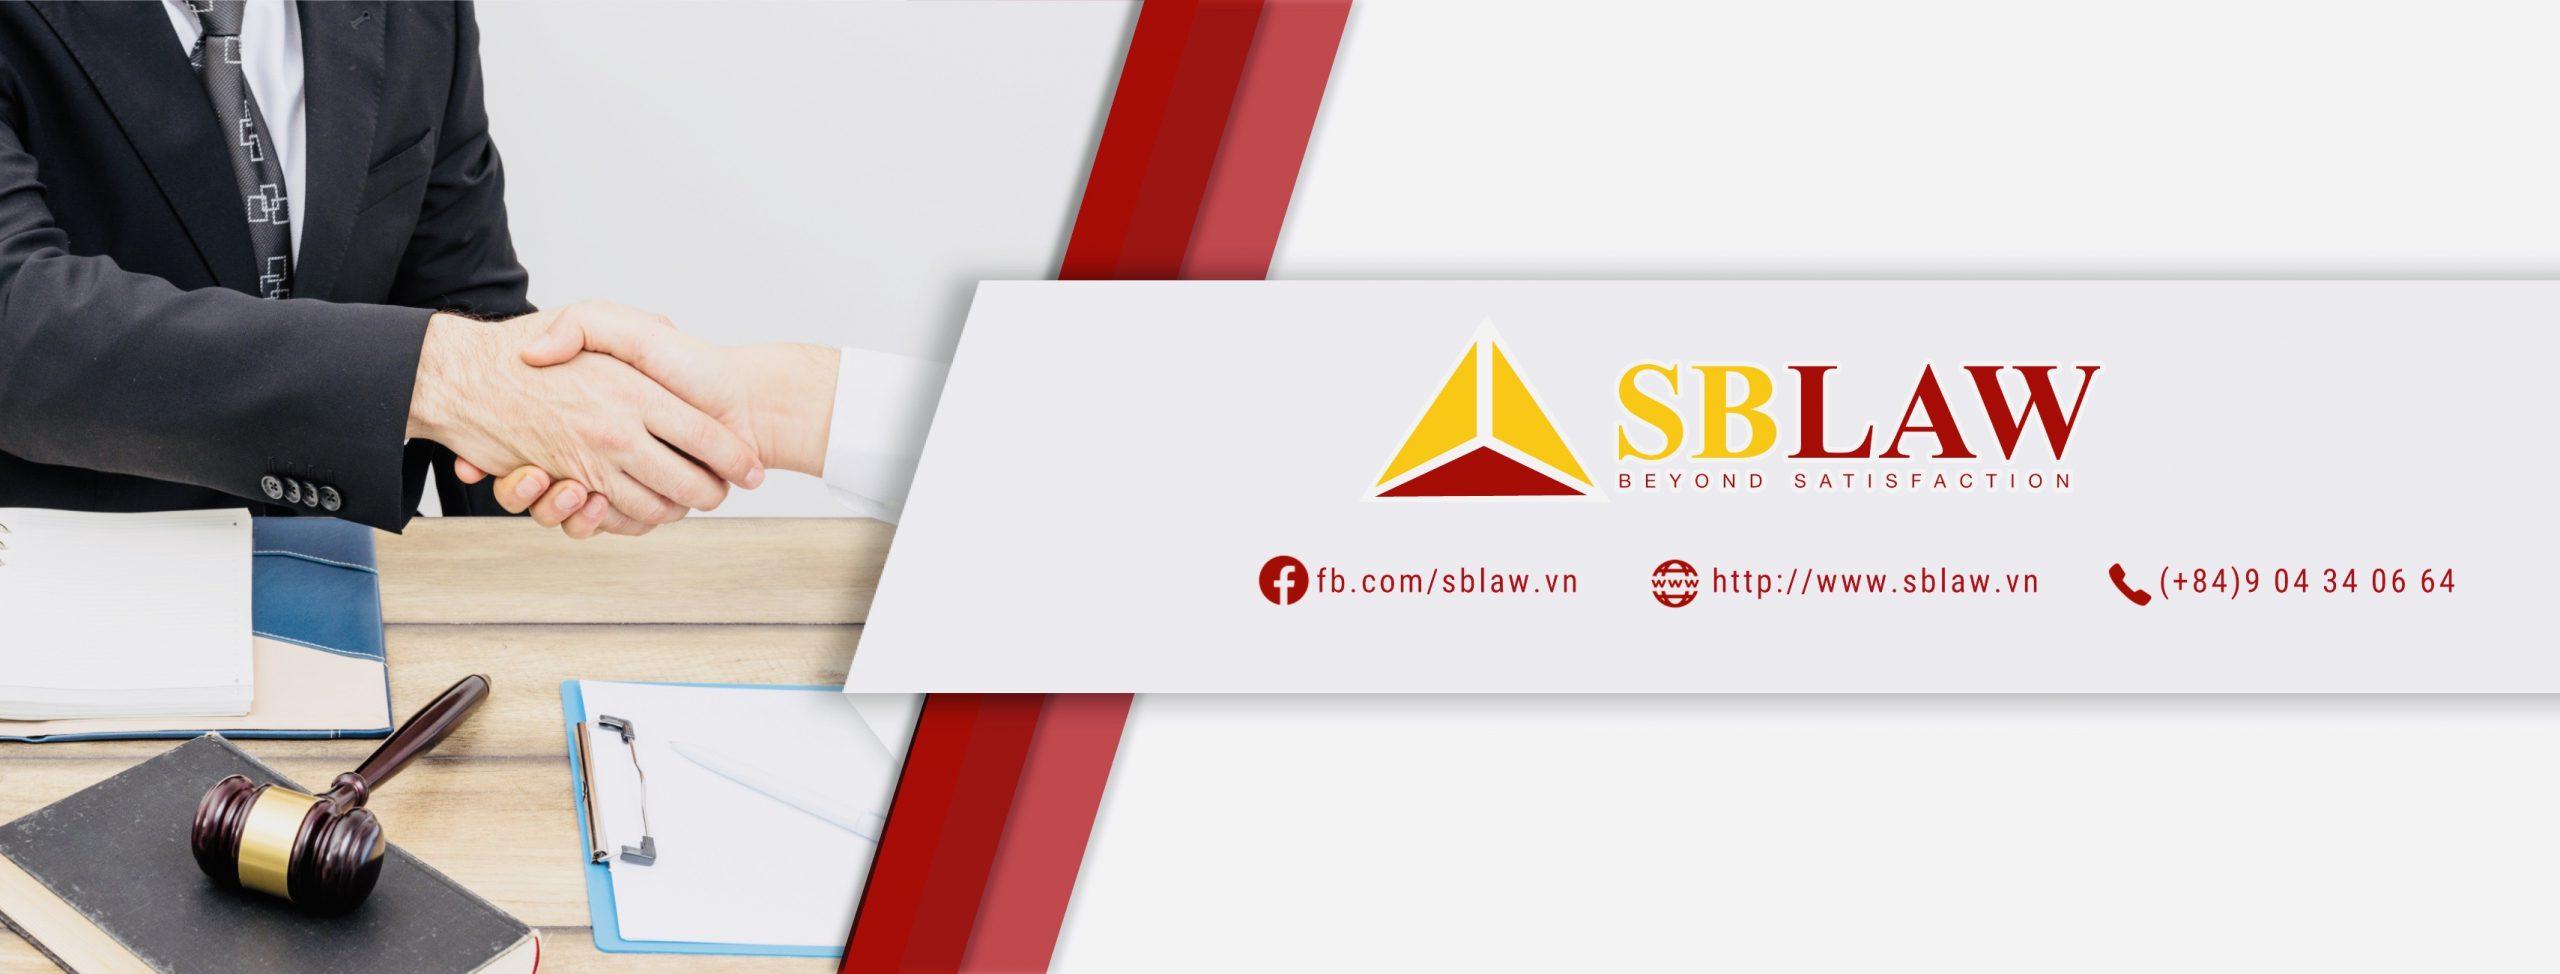 Kinh nghiệm của SBLAW trong tư vấn và tham gia đàm phán giao dịch M&A.